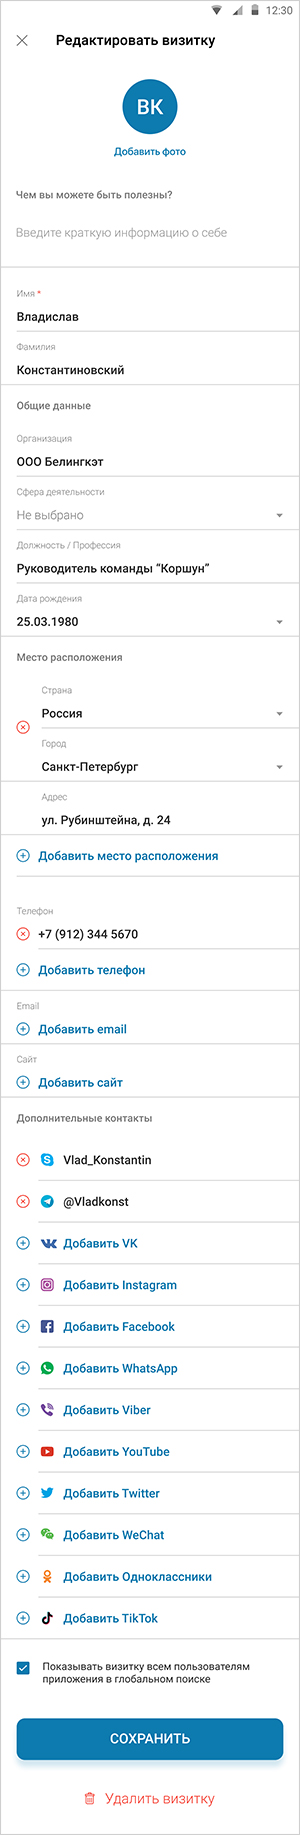 Мобильные приложения для стартапа: создание электронной визитки